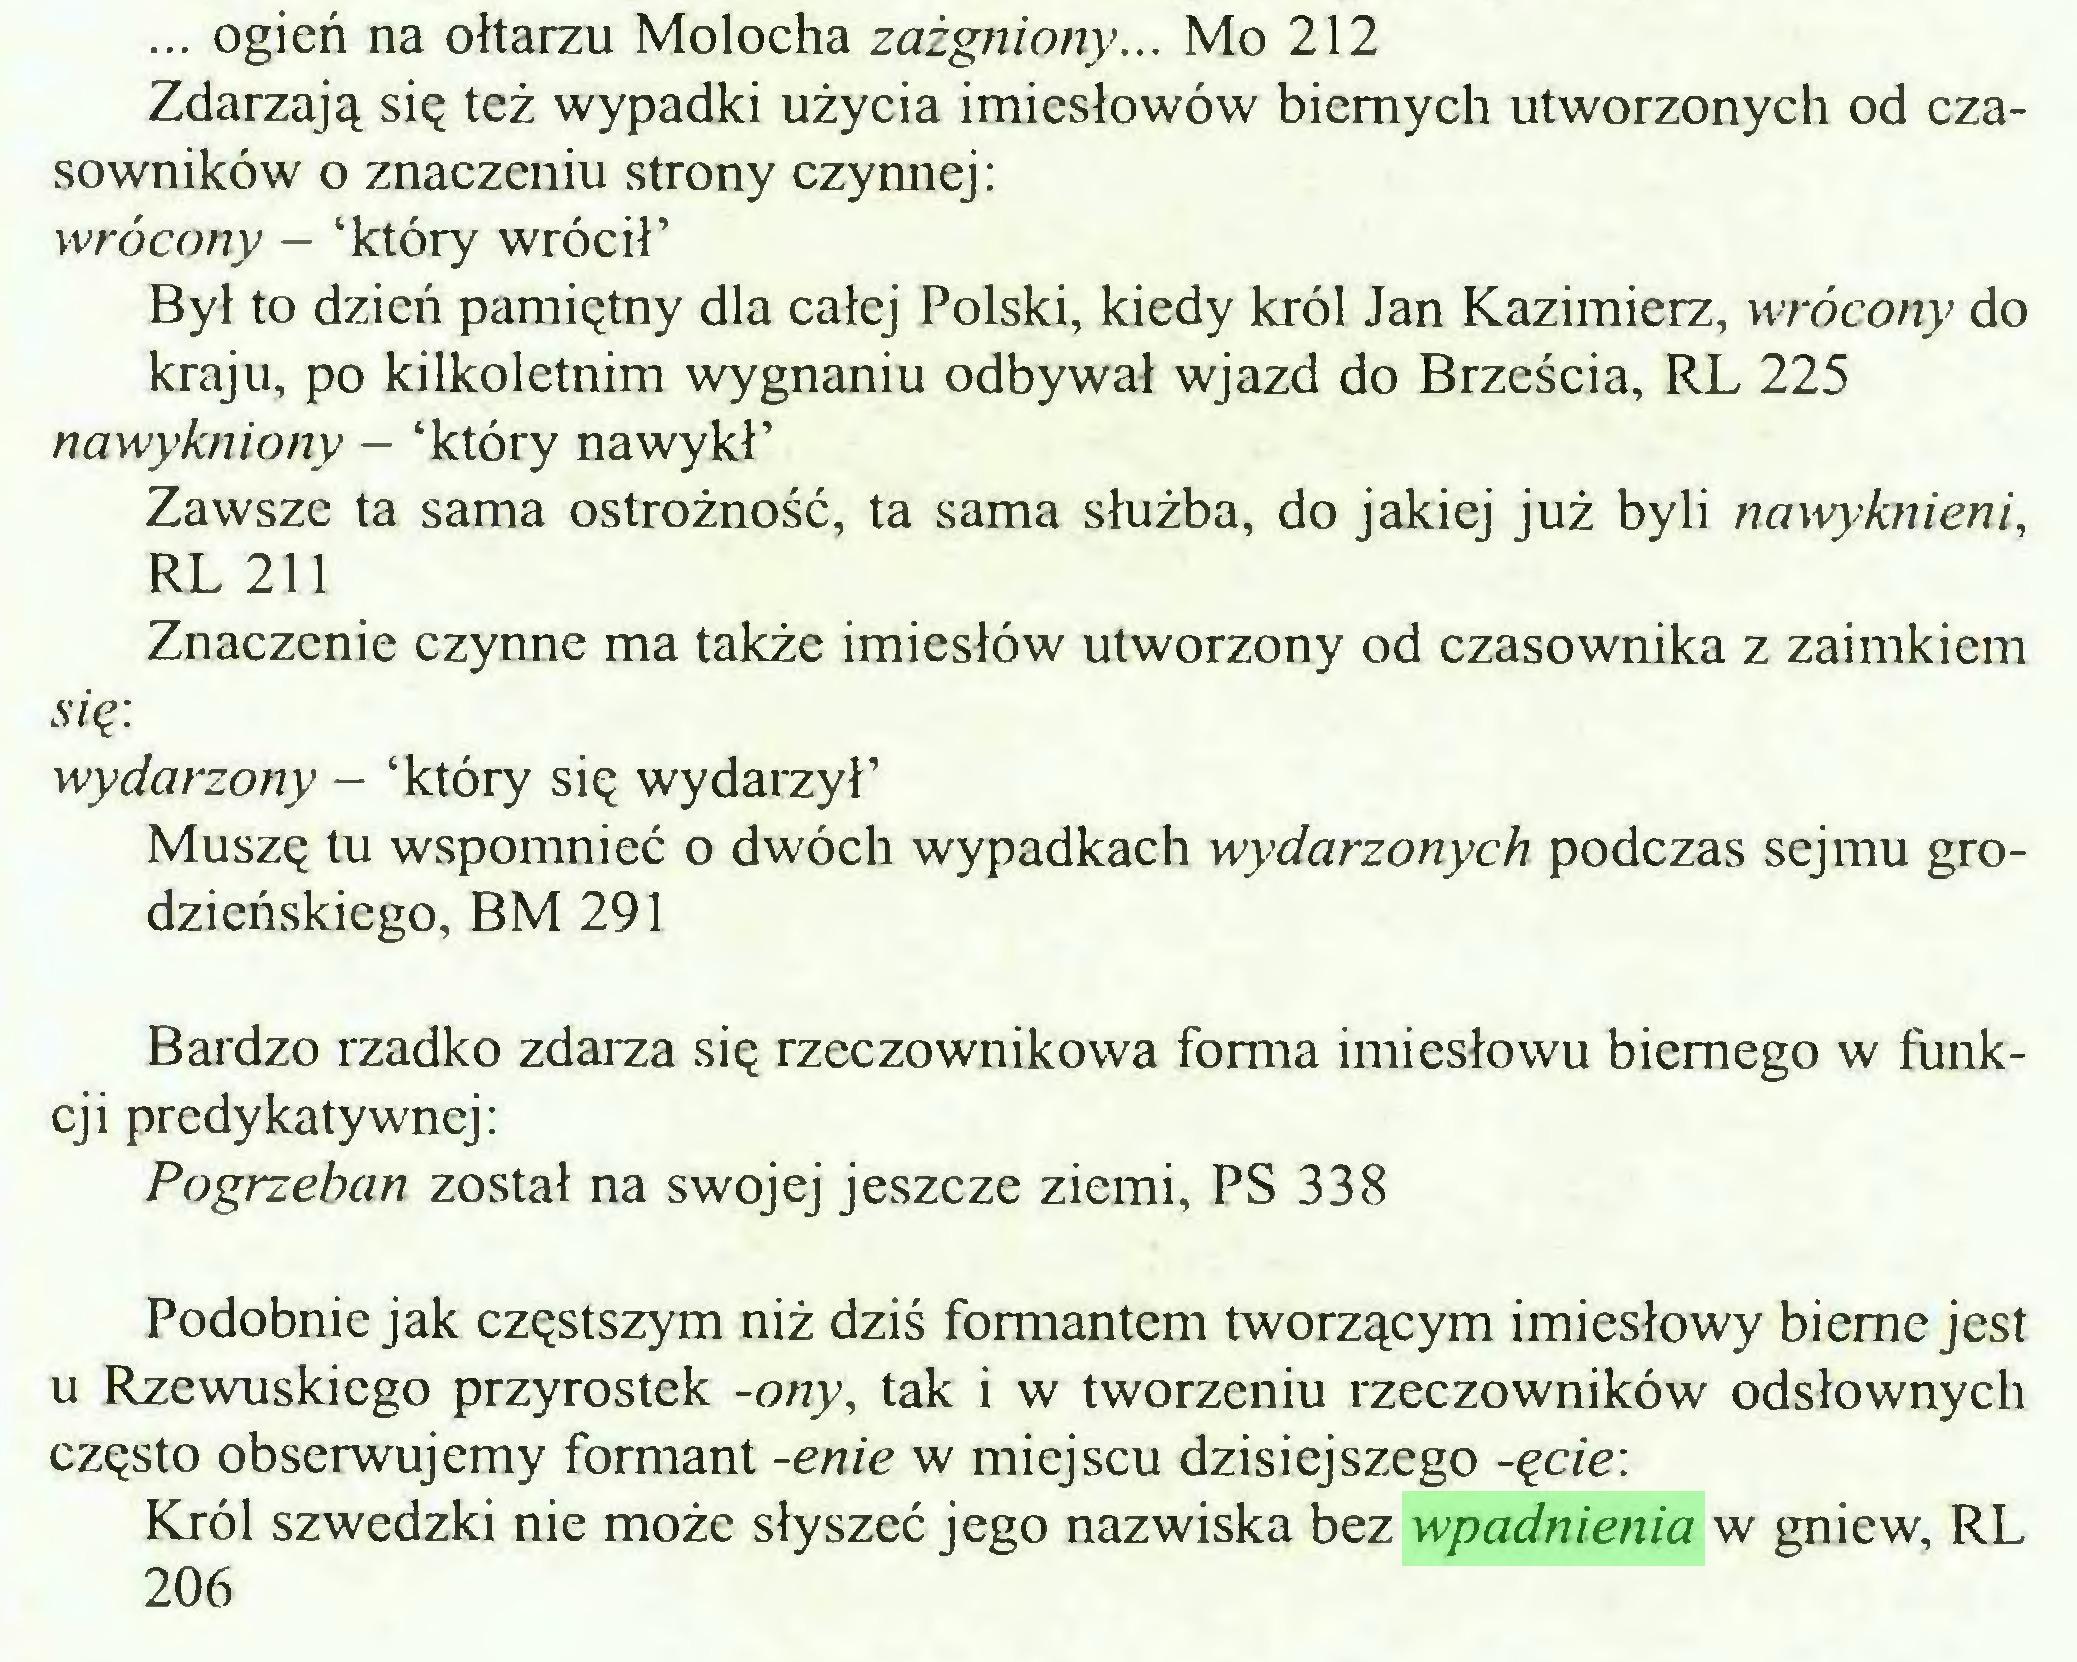 (...) ... ogień na ołtarzu Molocha zażgniony... Mo 212 Zdarzają się też wypadki użycia imiesłowów biernych utworzonych od czasowników o znaczeniu strony czynnej: wrócony - 'który wrócił' Był to dzień pamiętny dla całej Polski, kiedy król Jan Kazimierz, wrócony do kraju, po kilkoletnim wygnaniu odbywał wjazd do Brześcia, RL 225 nawykniony - 'który nawykł' Zawsze ta sama ostrożność, ta sama służba, do jakiej już byli nawykuieni, RL 211 Znaczenie czynne ma także imiesłów utworzony od czasownika z zaimkiem się: wydarzony - 'który się wydarzył' Muszę tu wspomnieć o dwóch wypadkach wydarzonych podczas sejmu grodzieńskiego, BM 291 Bardzo rzadko zdarza się rzeczownikowa forma imiesłowu biernego w funkcji predykatywnej: Pogrzeban został na swojej jeszcze ziemi, PS 338 Podobnie jak częstszym niż dziś formantem tworzącym imiesłowy bierne jest u Rzewuskiego przyrostek -ony, tak i w tworzeniu rzeczowników odsłownych często obserwujemy formant -enie w miejscu dzisiejszego -ęcie: Król szwedzki nie może słyszeć jego nazwiska bez wpadnienia w gniew, RL 206...